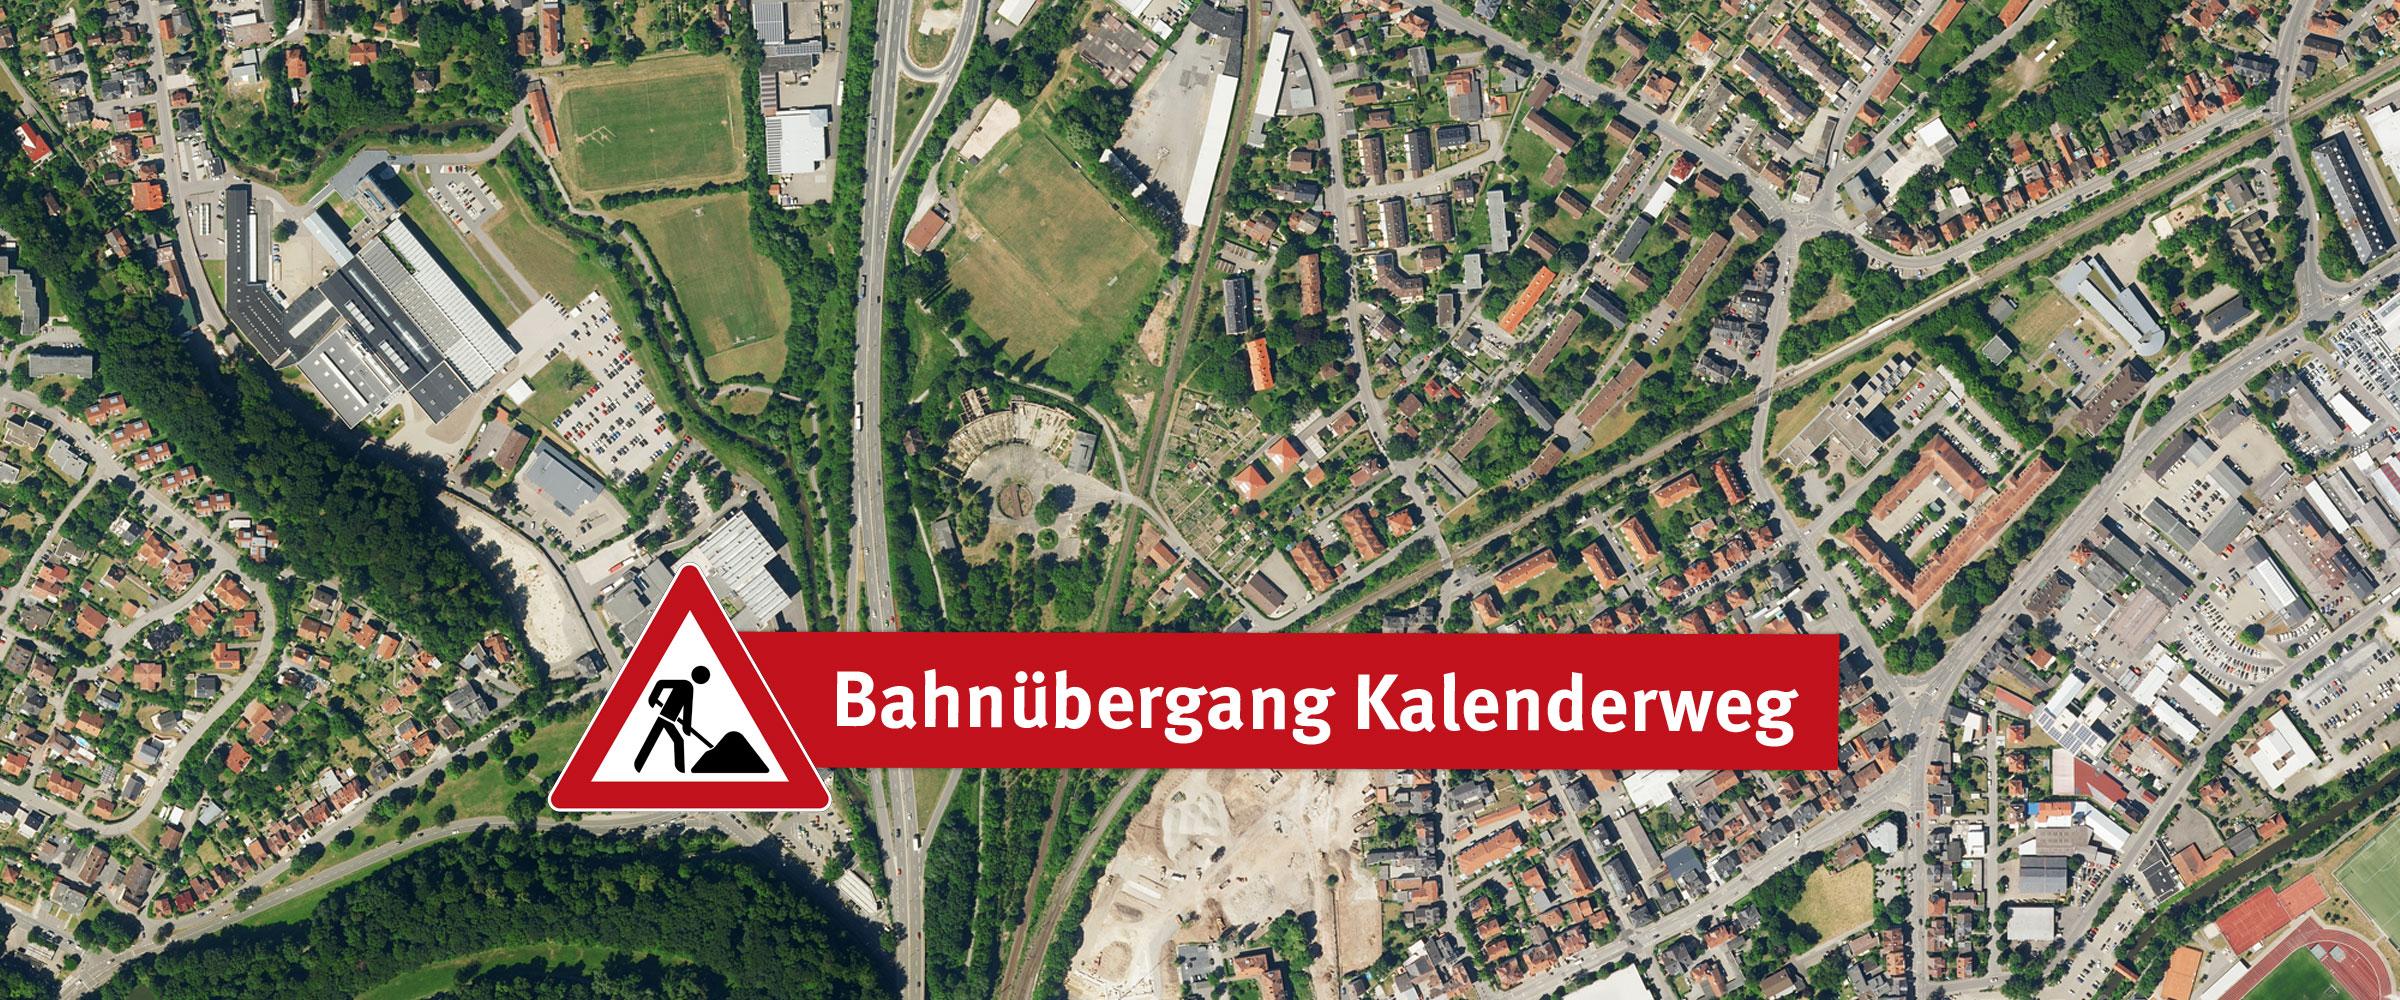 banner_bahnuebergang_kalenderweg